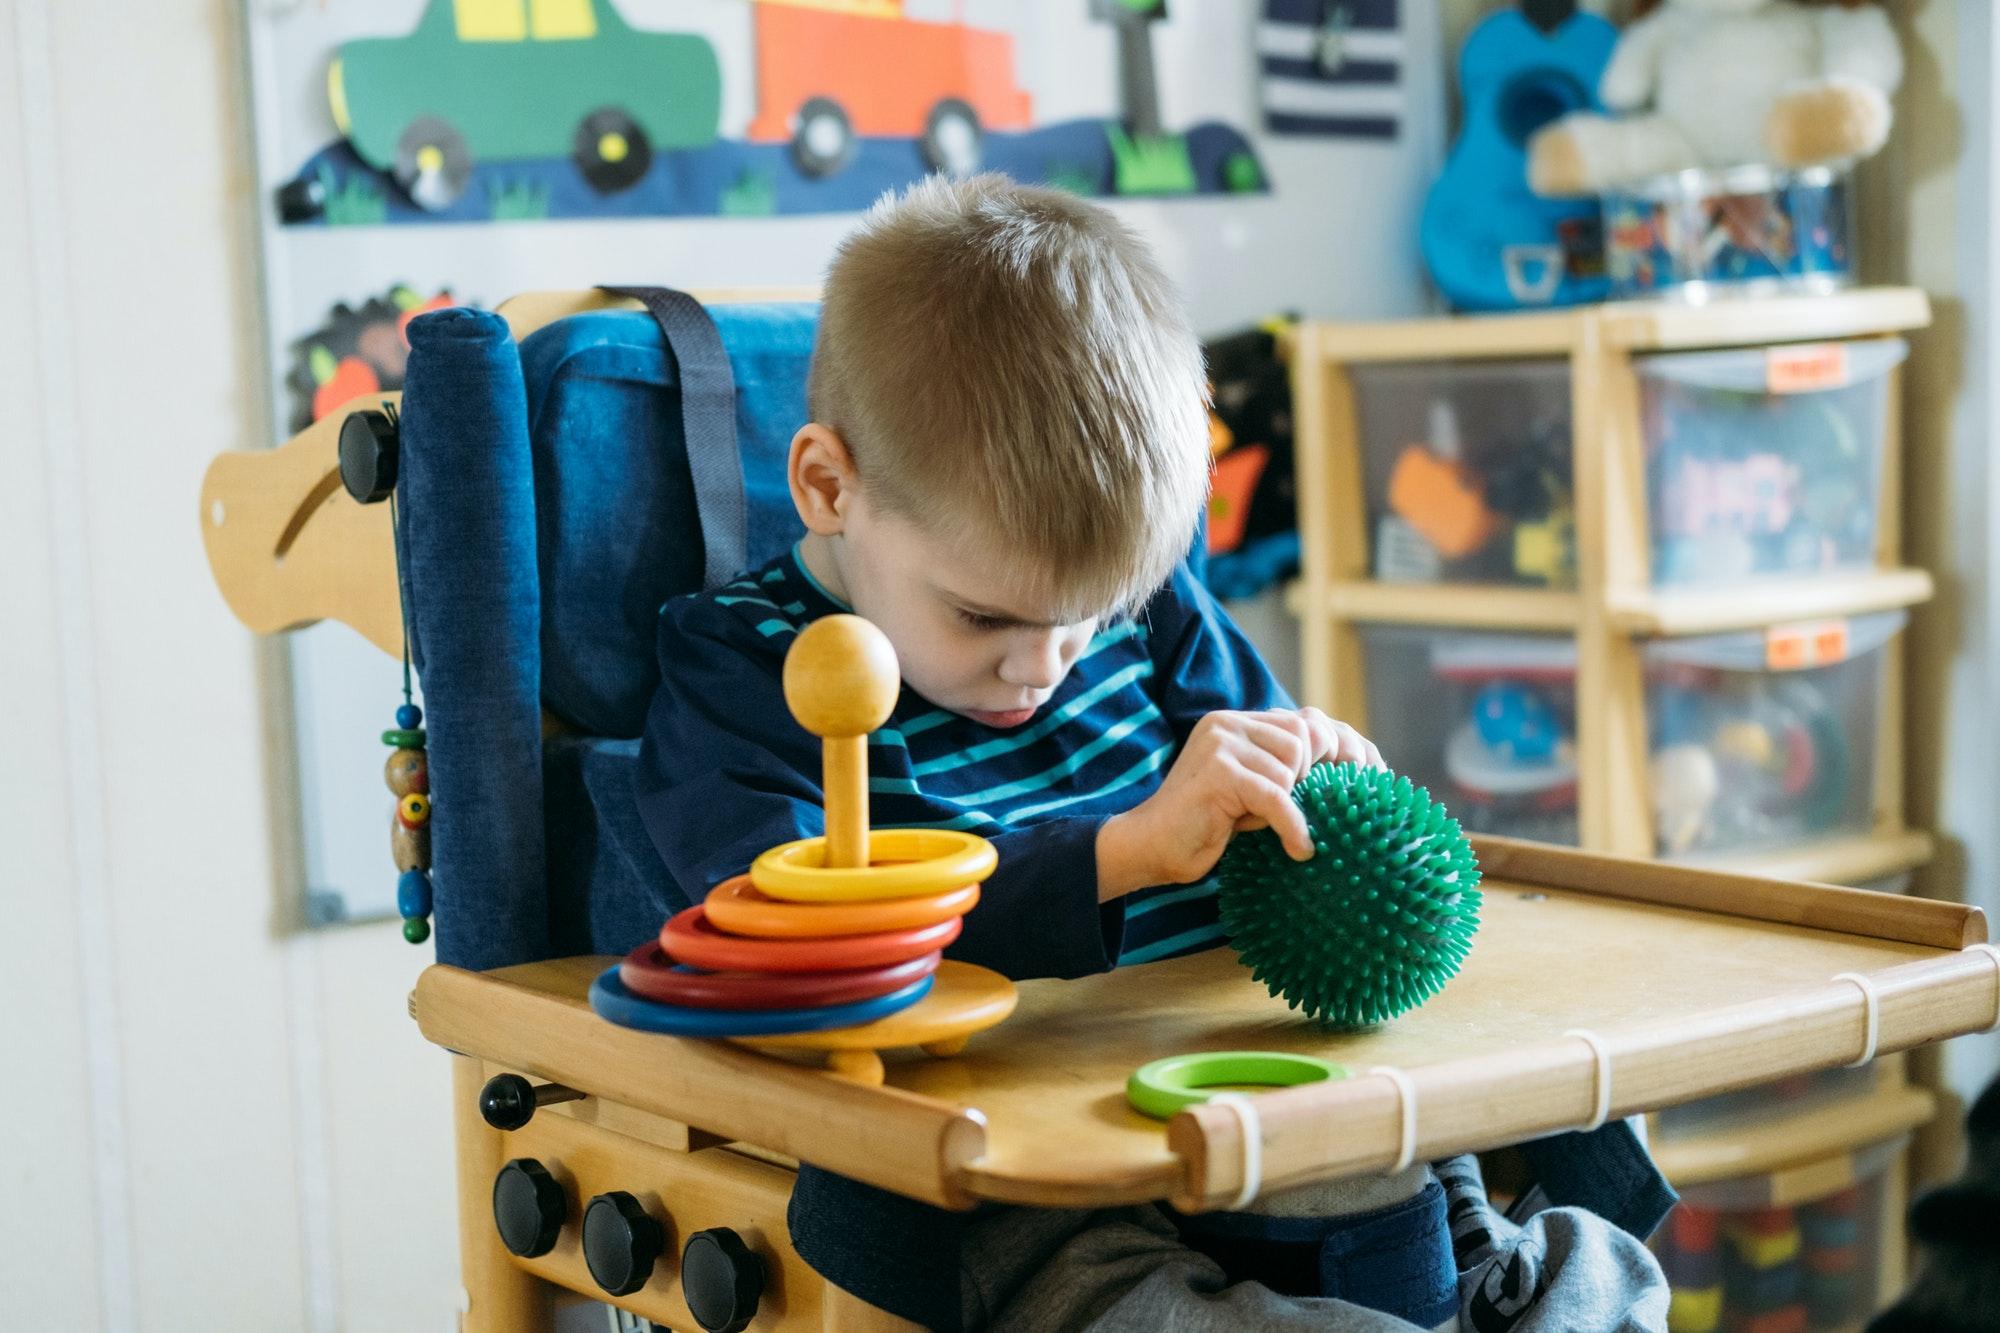 Sensory Activities for kids with disabilities. Preschool Activities for Children with Special Needs